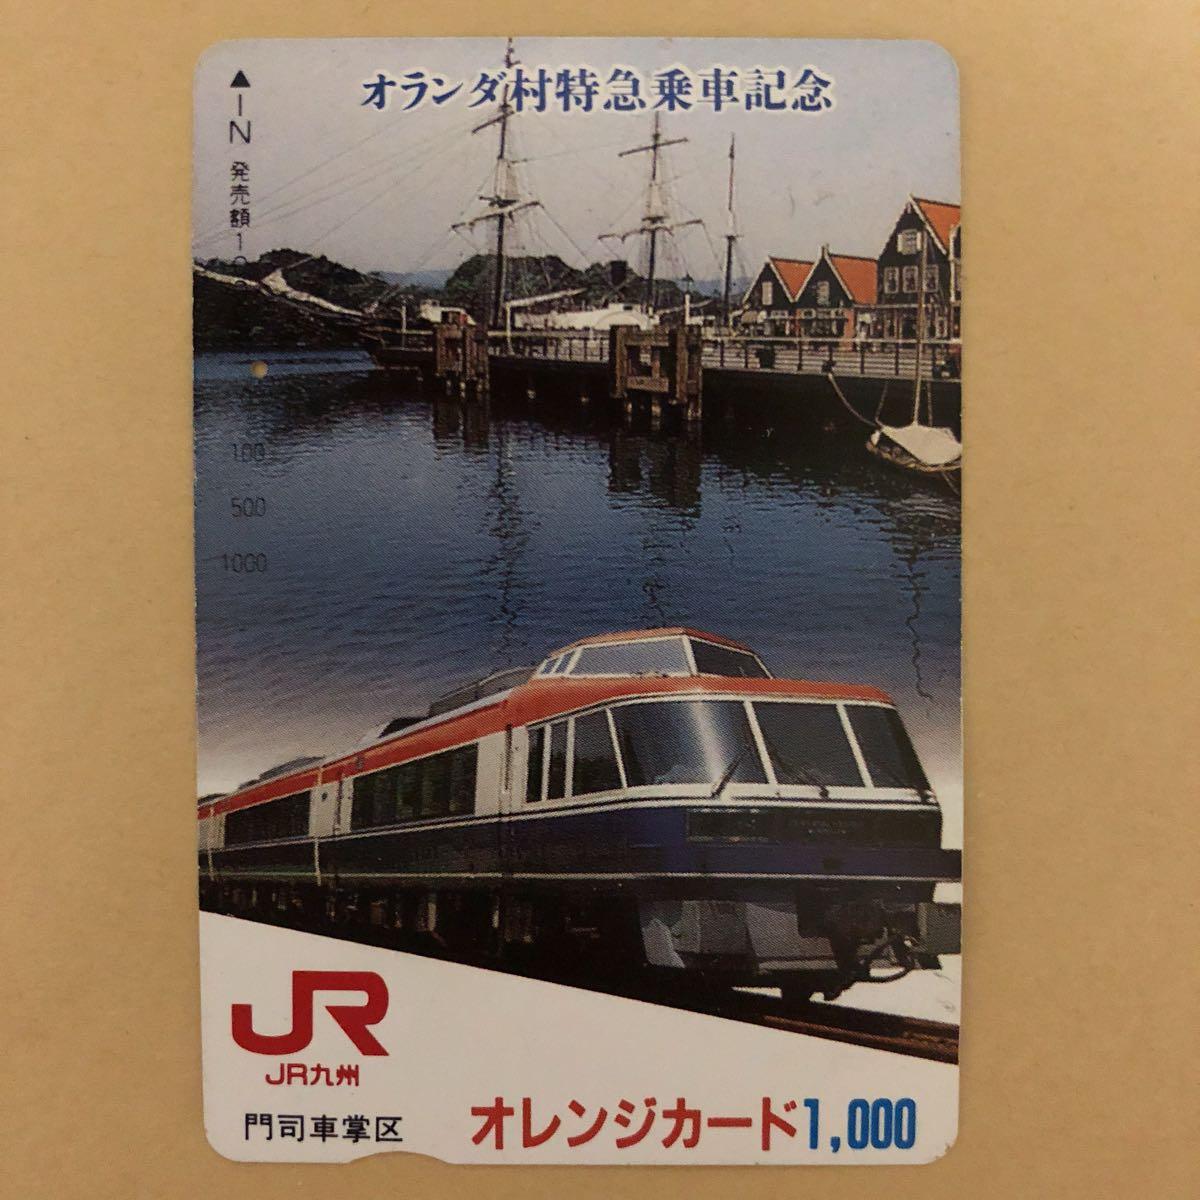 【使用済1穴】 オレンジカード JR九州 オランダ村特急乗車記念_画像1